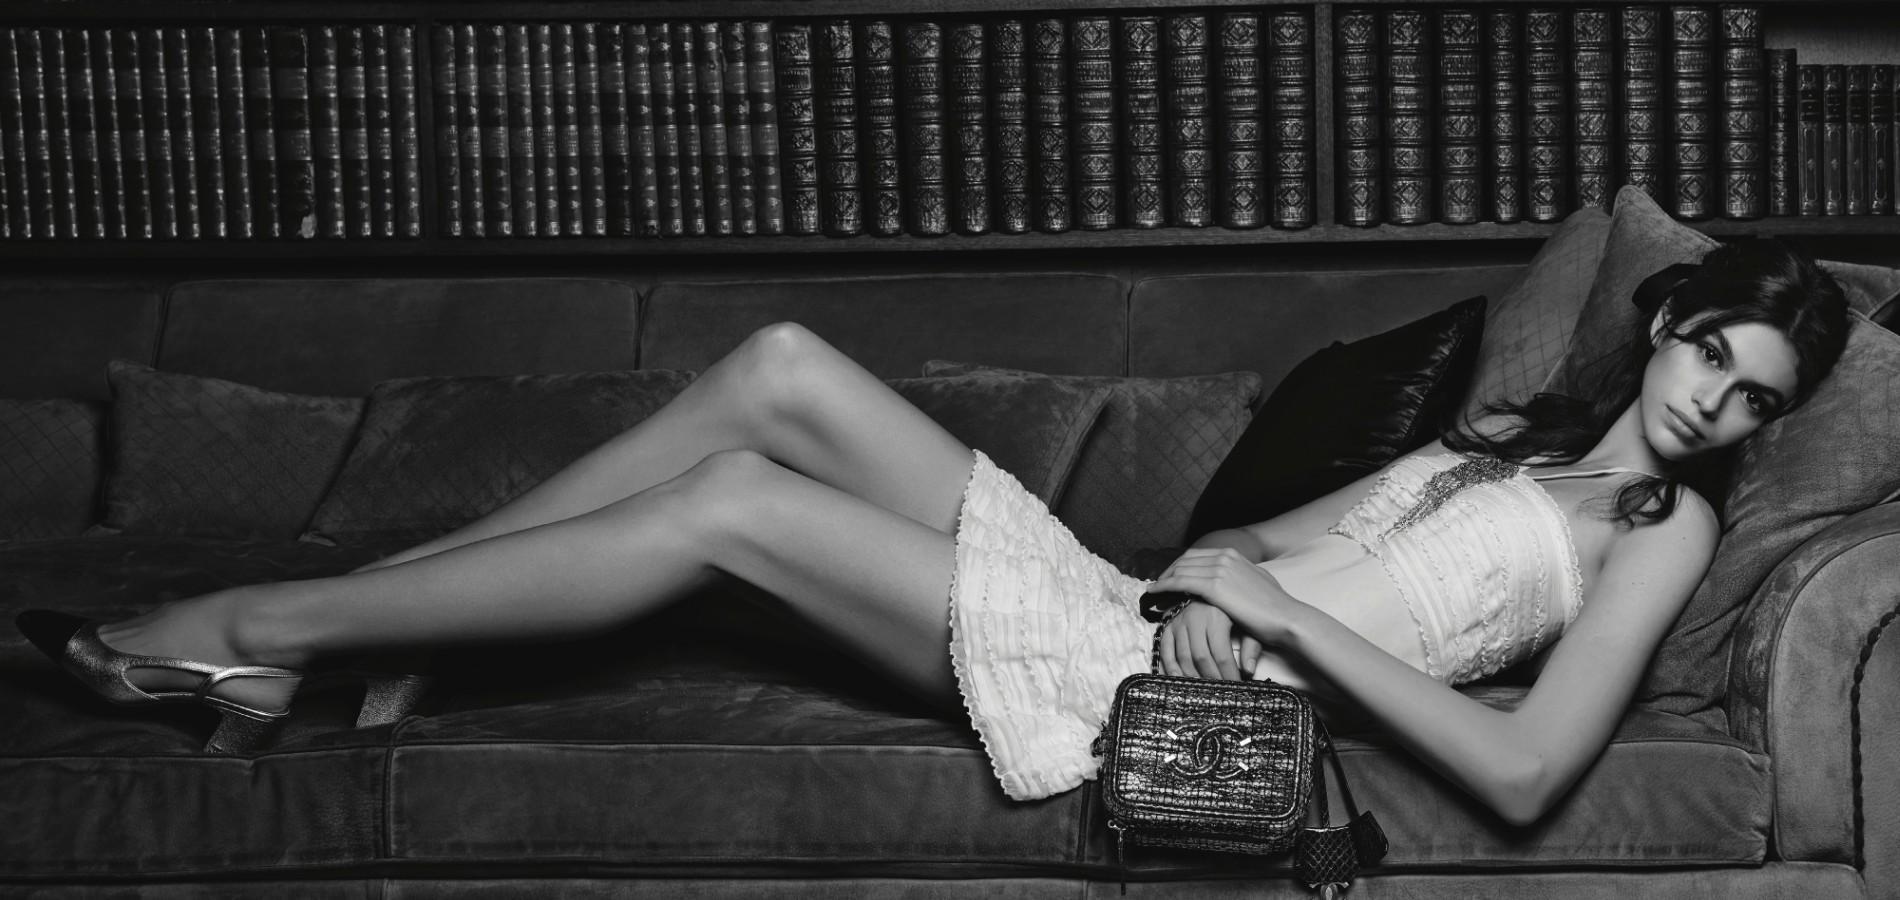 Toute en jambes, la fille de Cindy Crawford pose dans les appartements de  Coco Chanel pour présenter la collection 2018 de sacs à main. 398b3912756